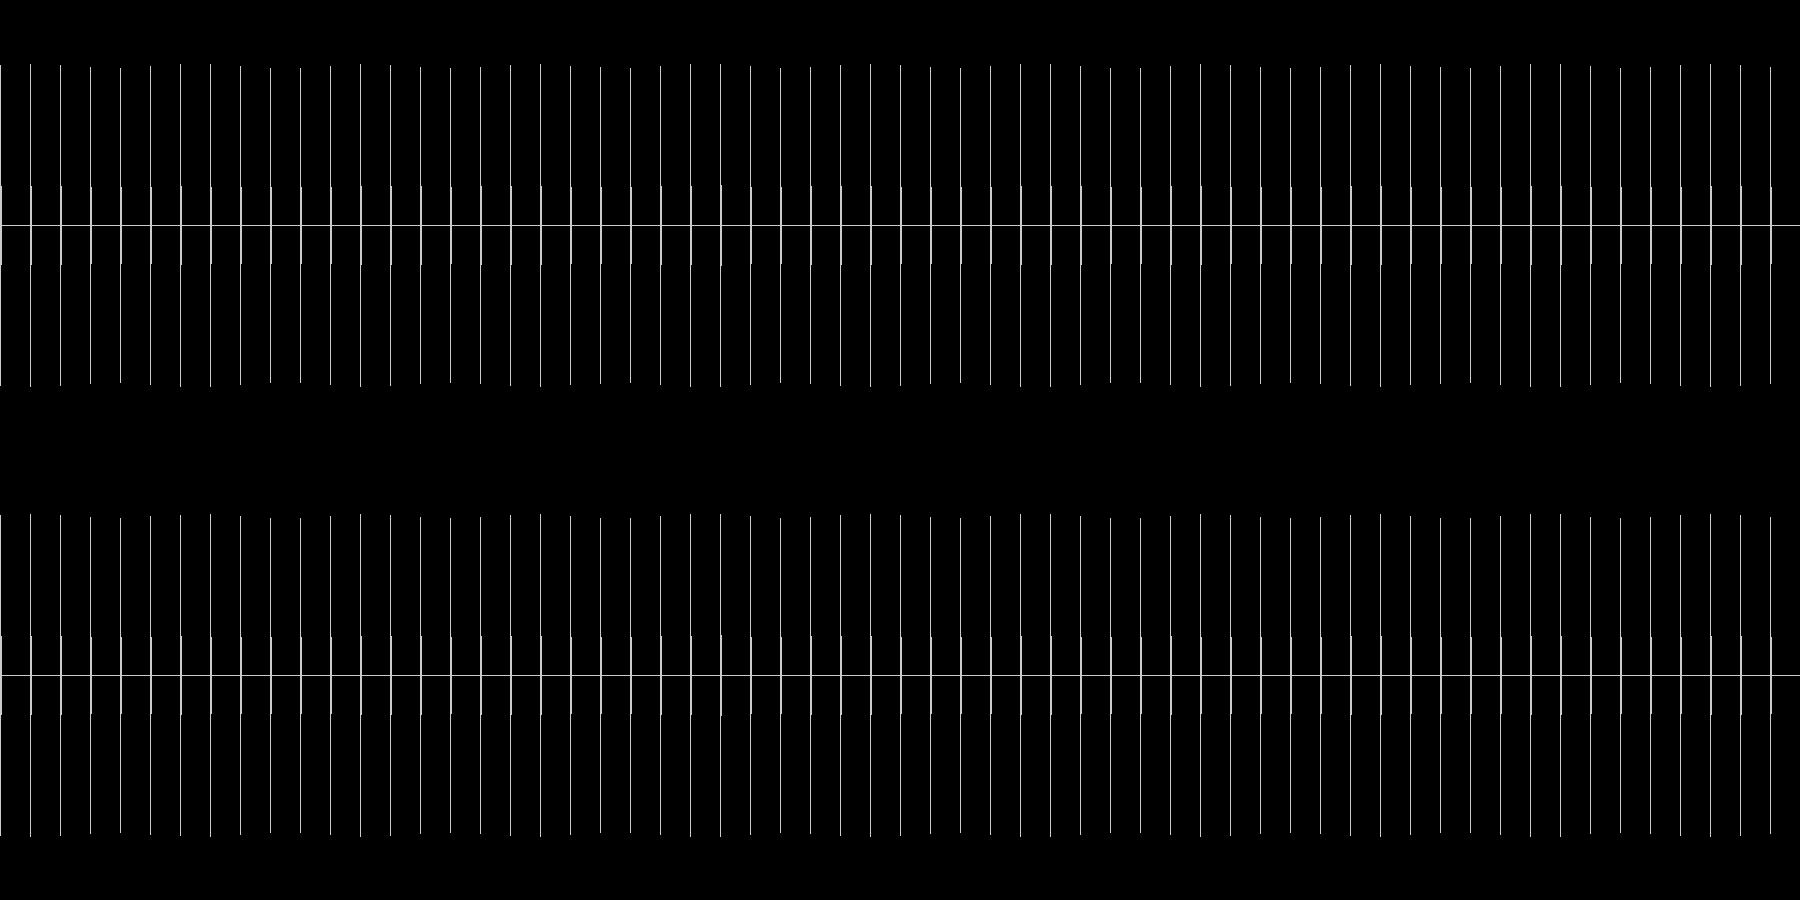 時計の針の音BPM60(実際の速さ)の未再生の波形